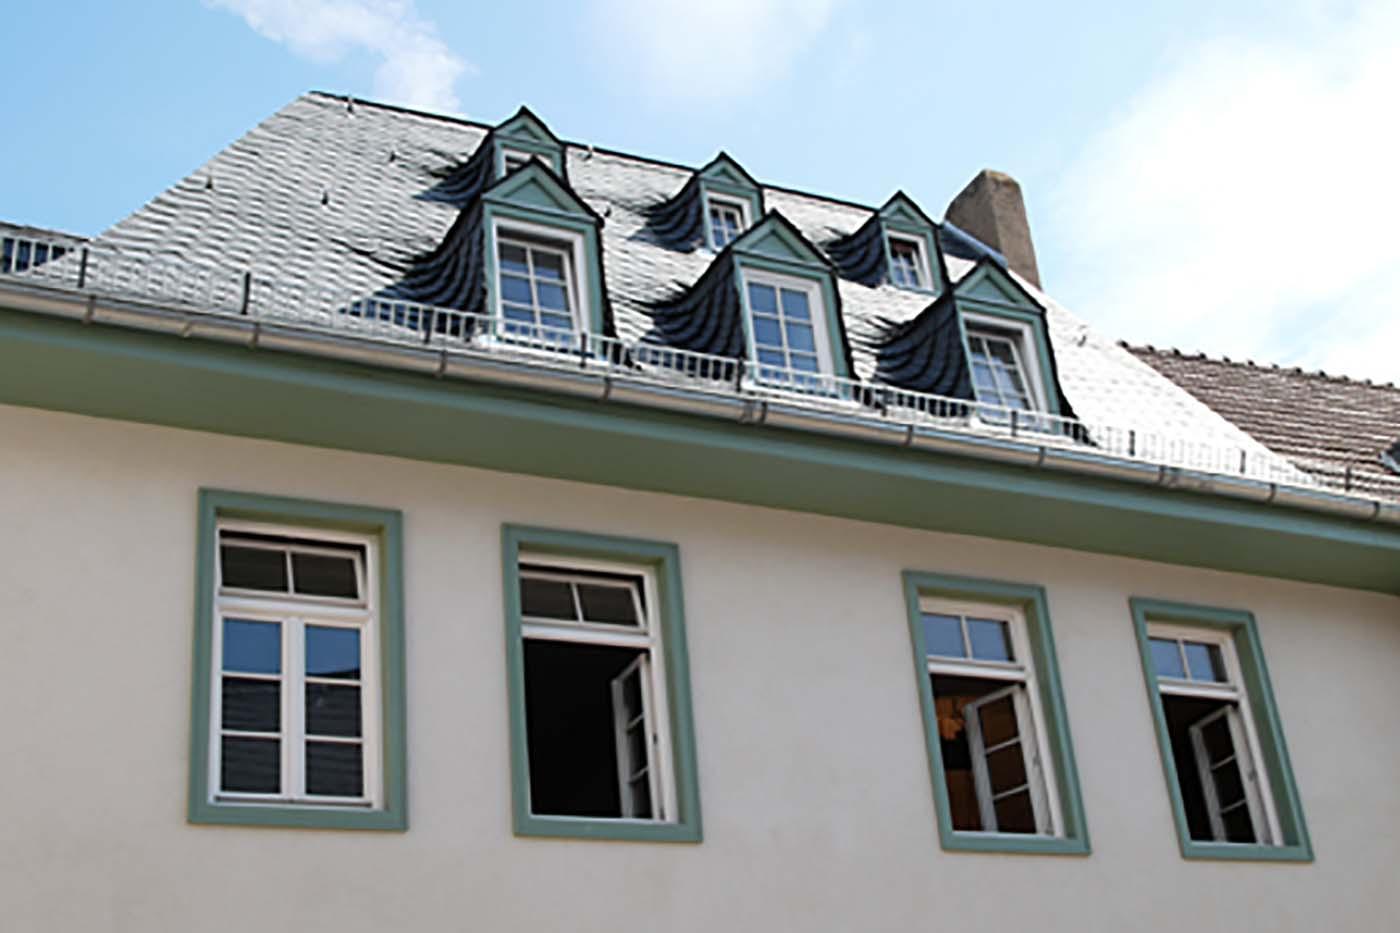 03_Erbach Markt, Haupthaus